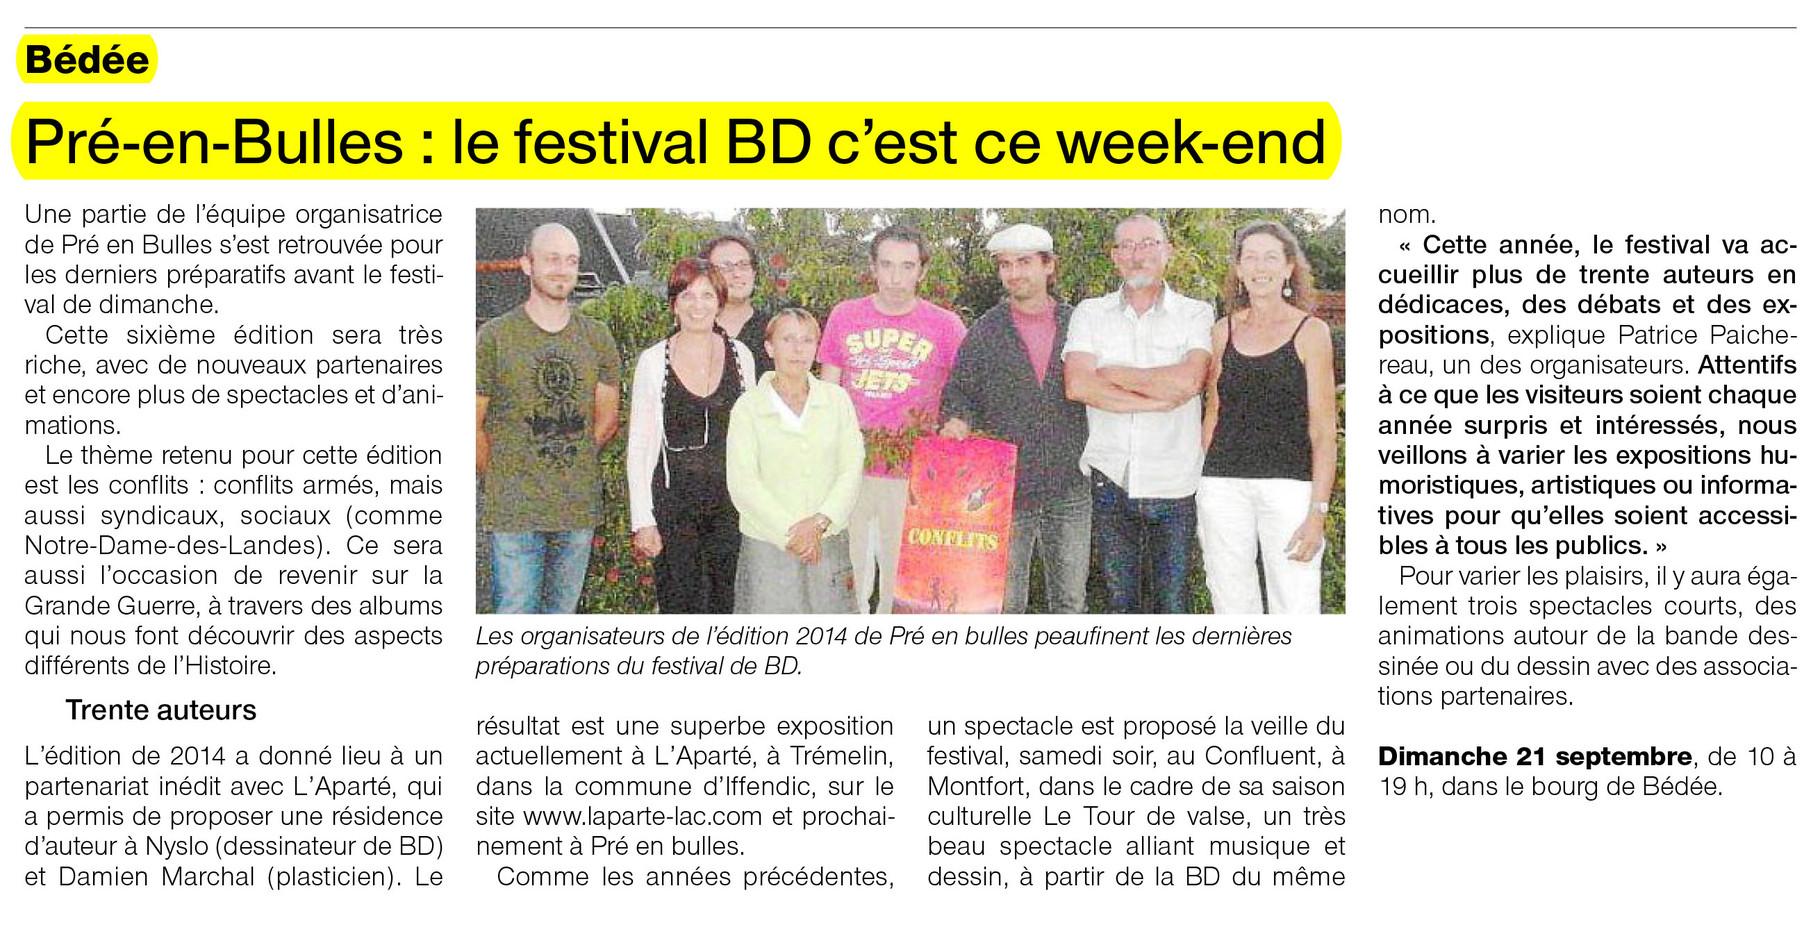 Ouest-France - 19 septembre 2014